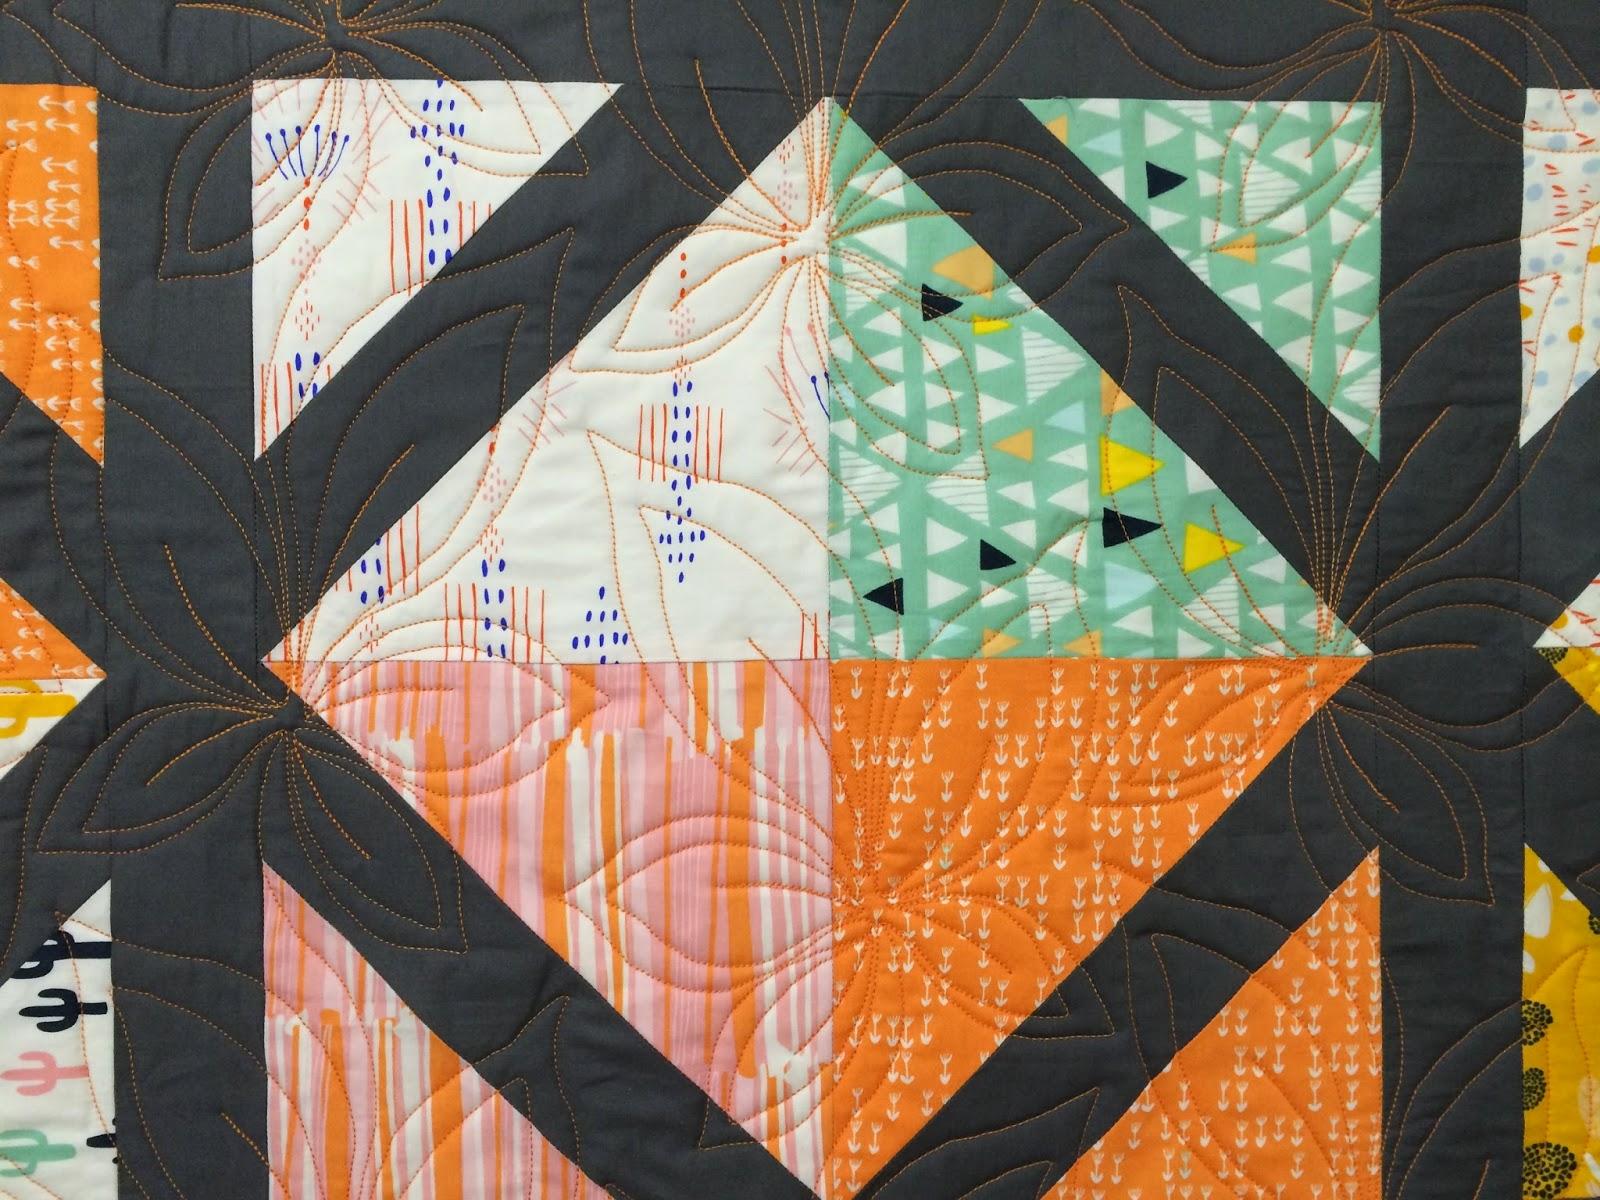 Danier Listyasari's Quilt